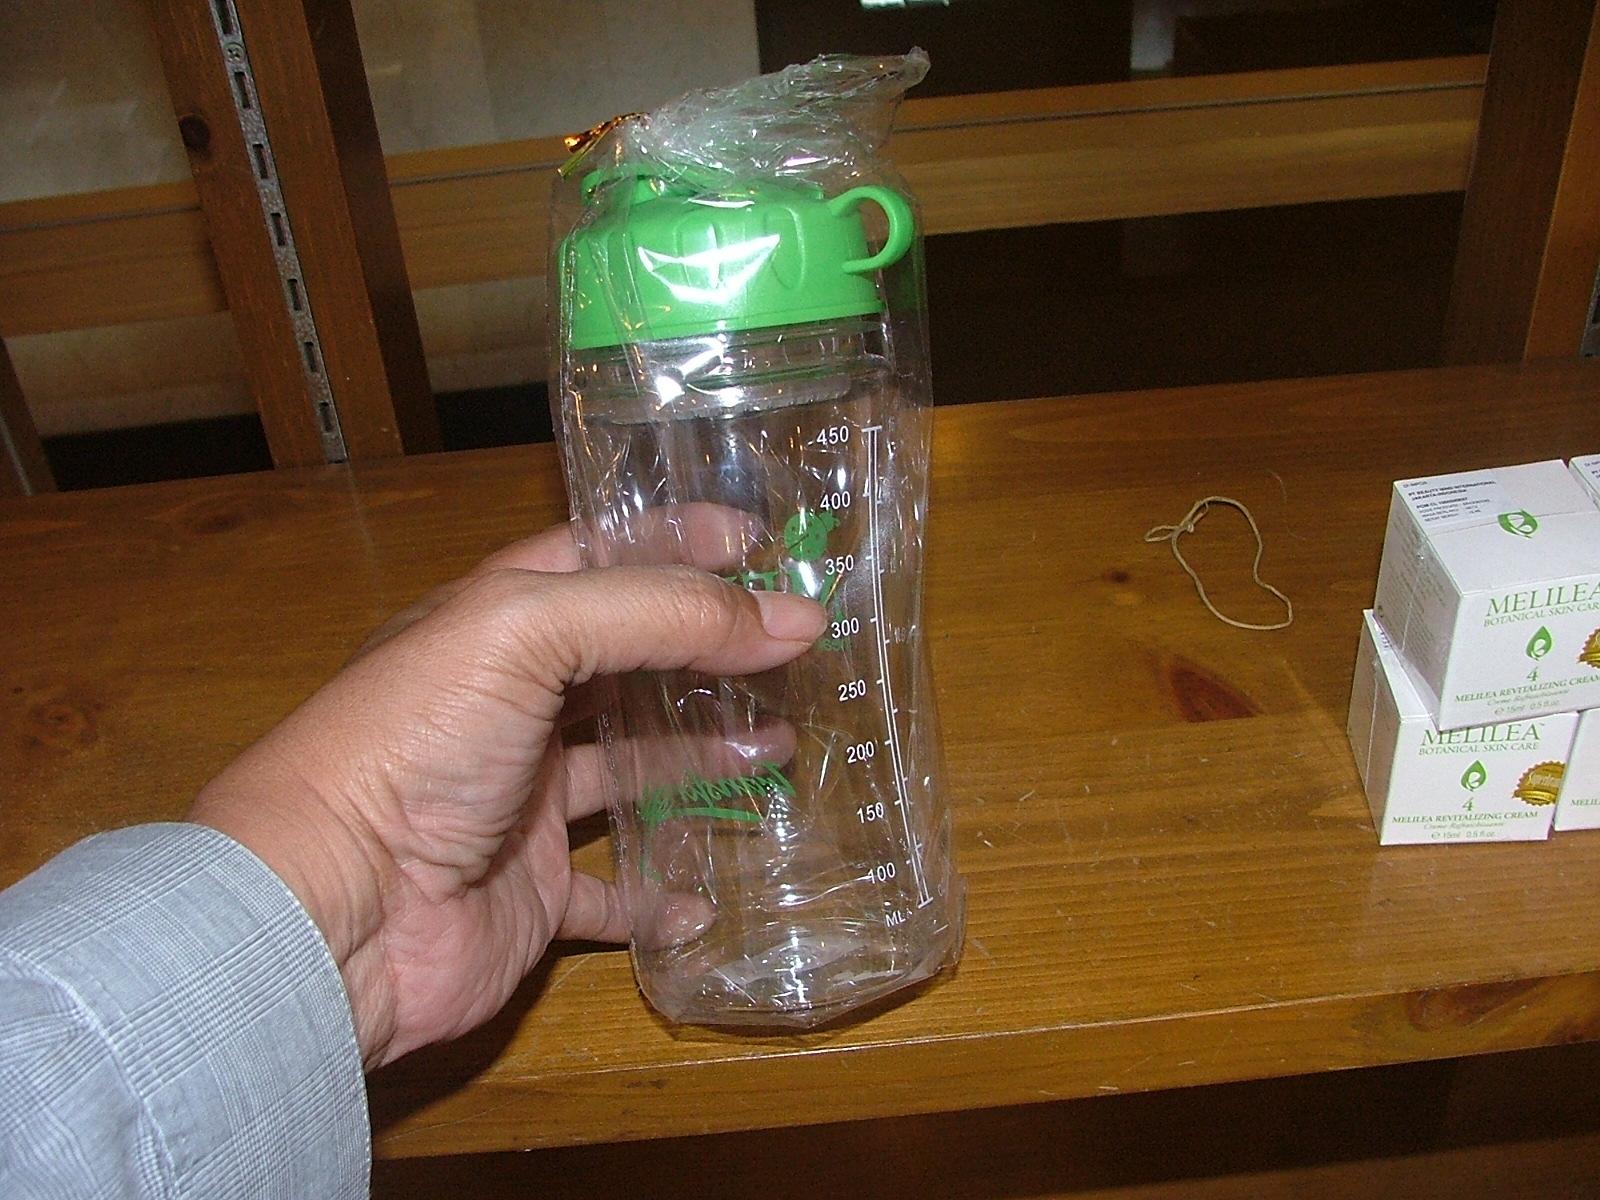 Makanan Sehat Daftar Harga Produk Melilea Greenfield 16oz Plastic Shaker 450 Ml